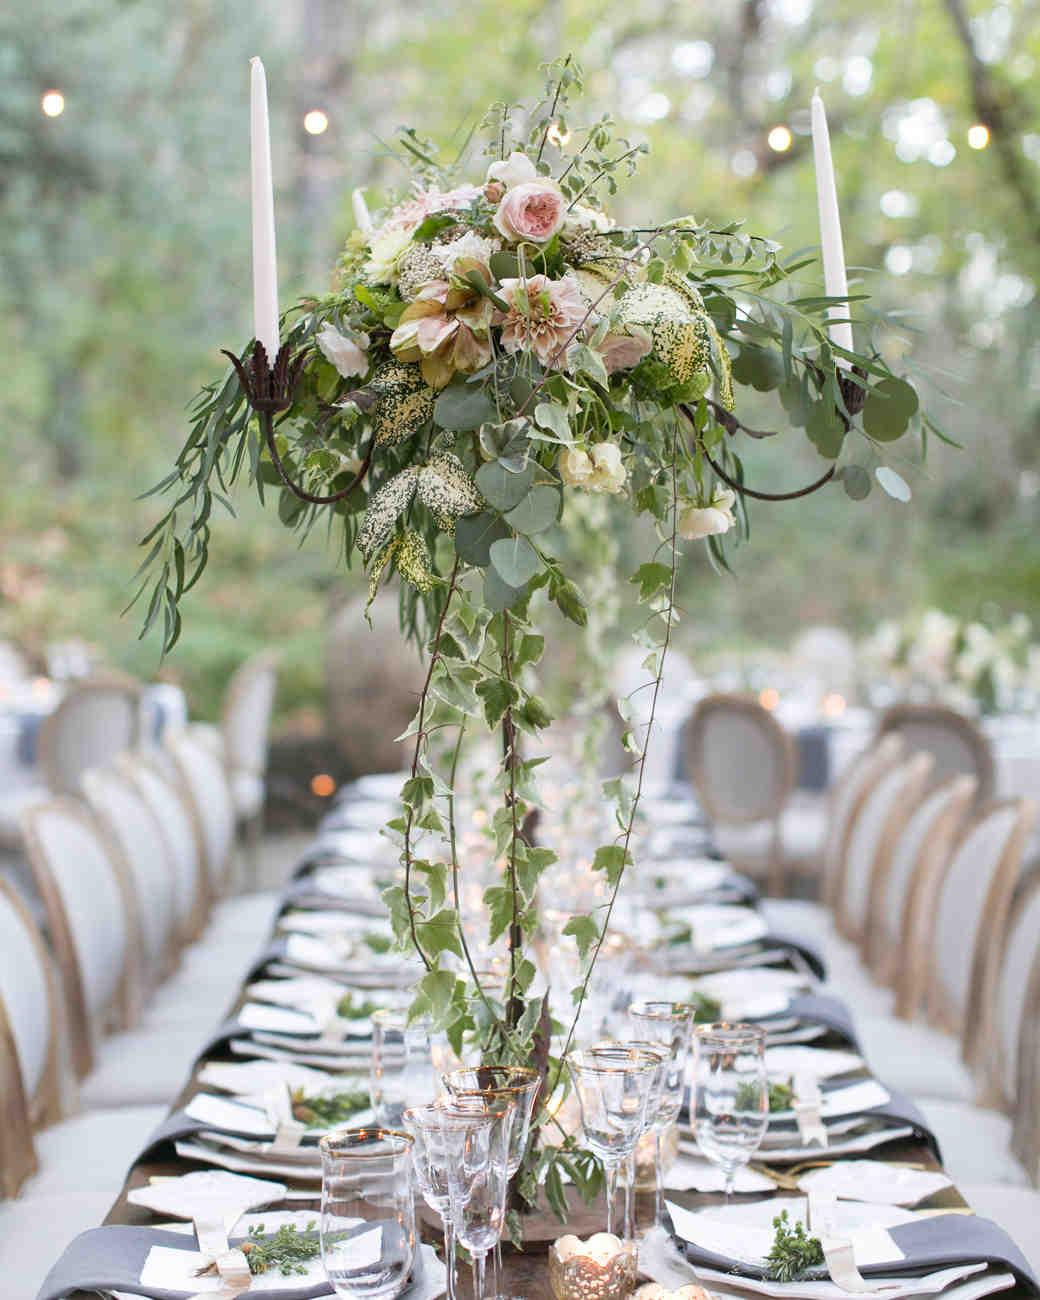 Wedding centerpiece ideas we love martha stewart weddings